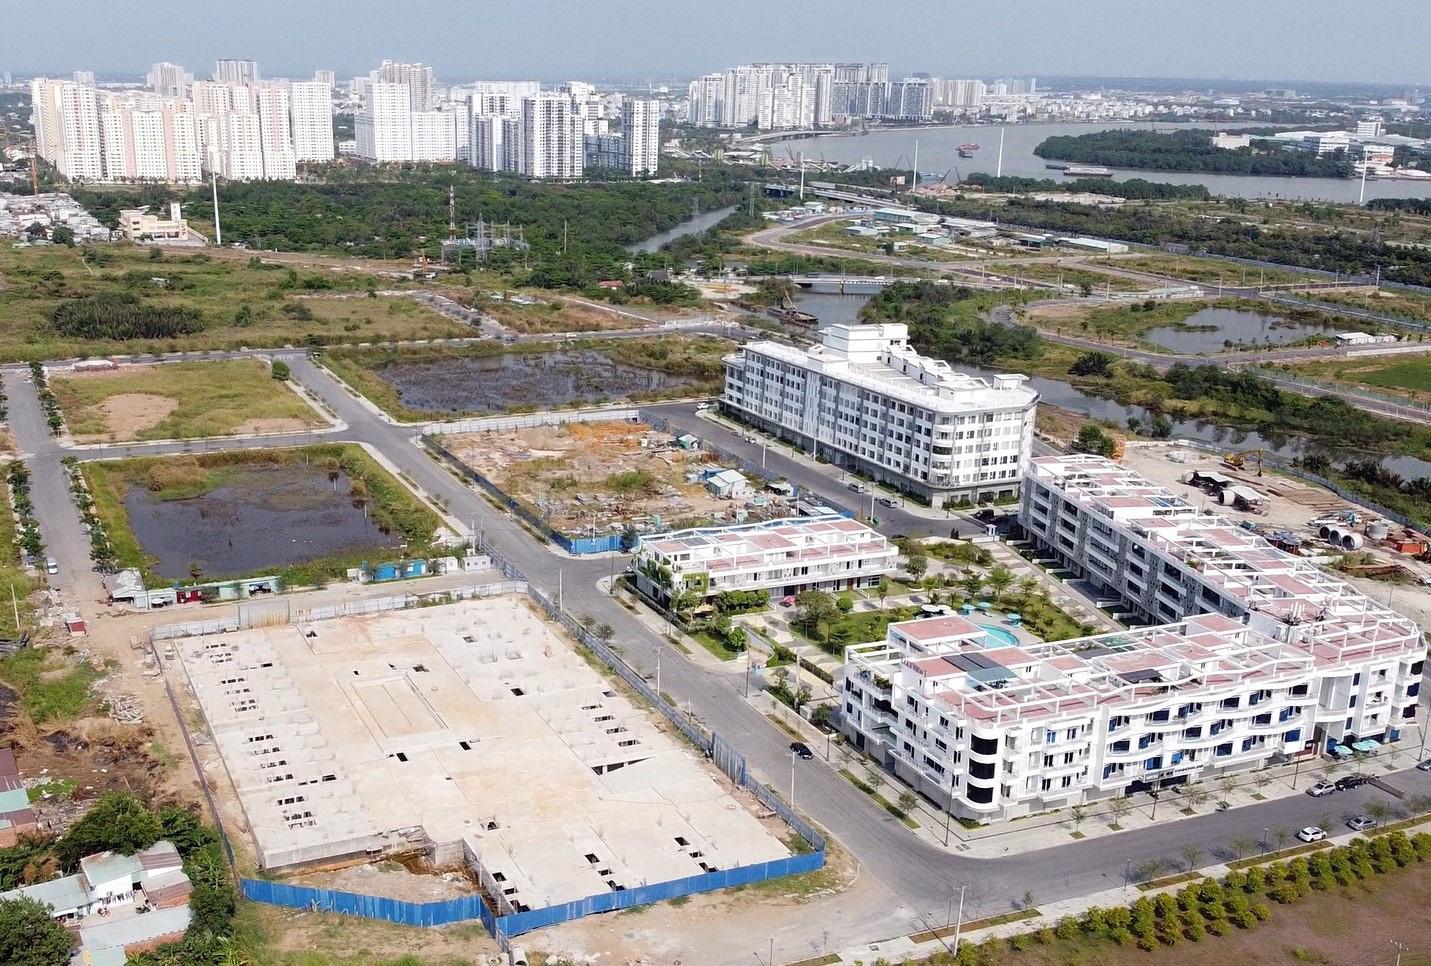 Toàn cảnh dự án Khu dân cư phía Bắc ở Thủ Thiêm của CII vừa được TP HCM cho tiếp tục triển khai - Ảnh 8.